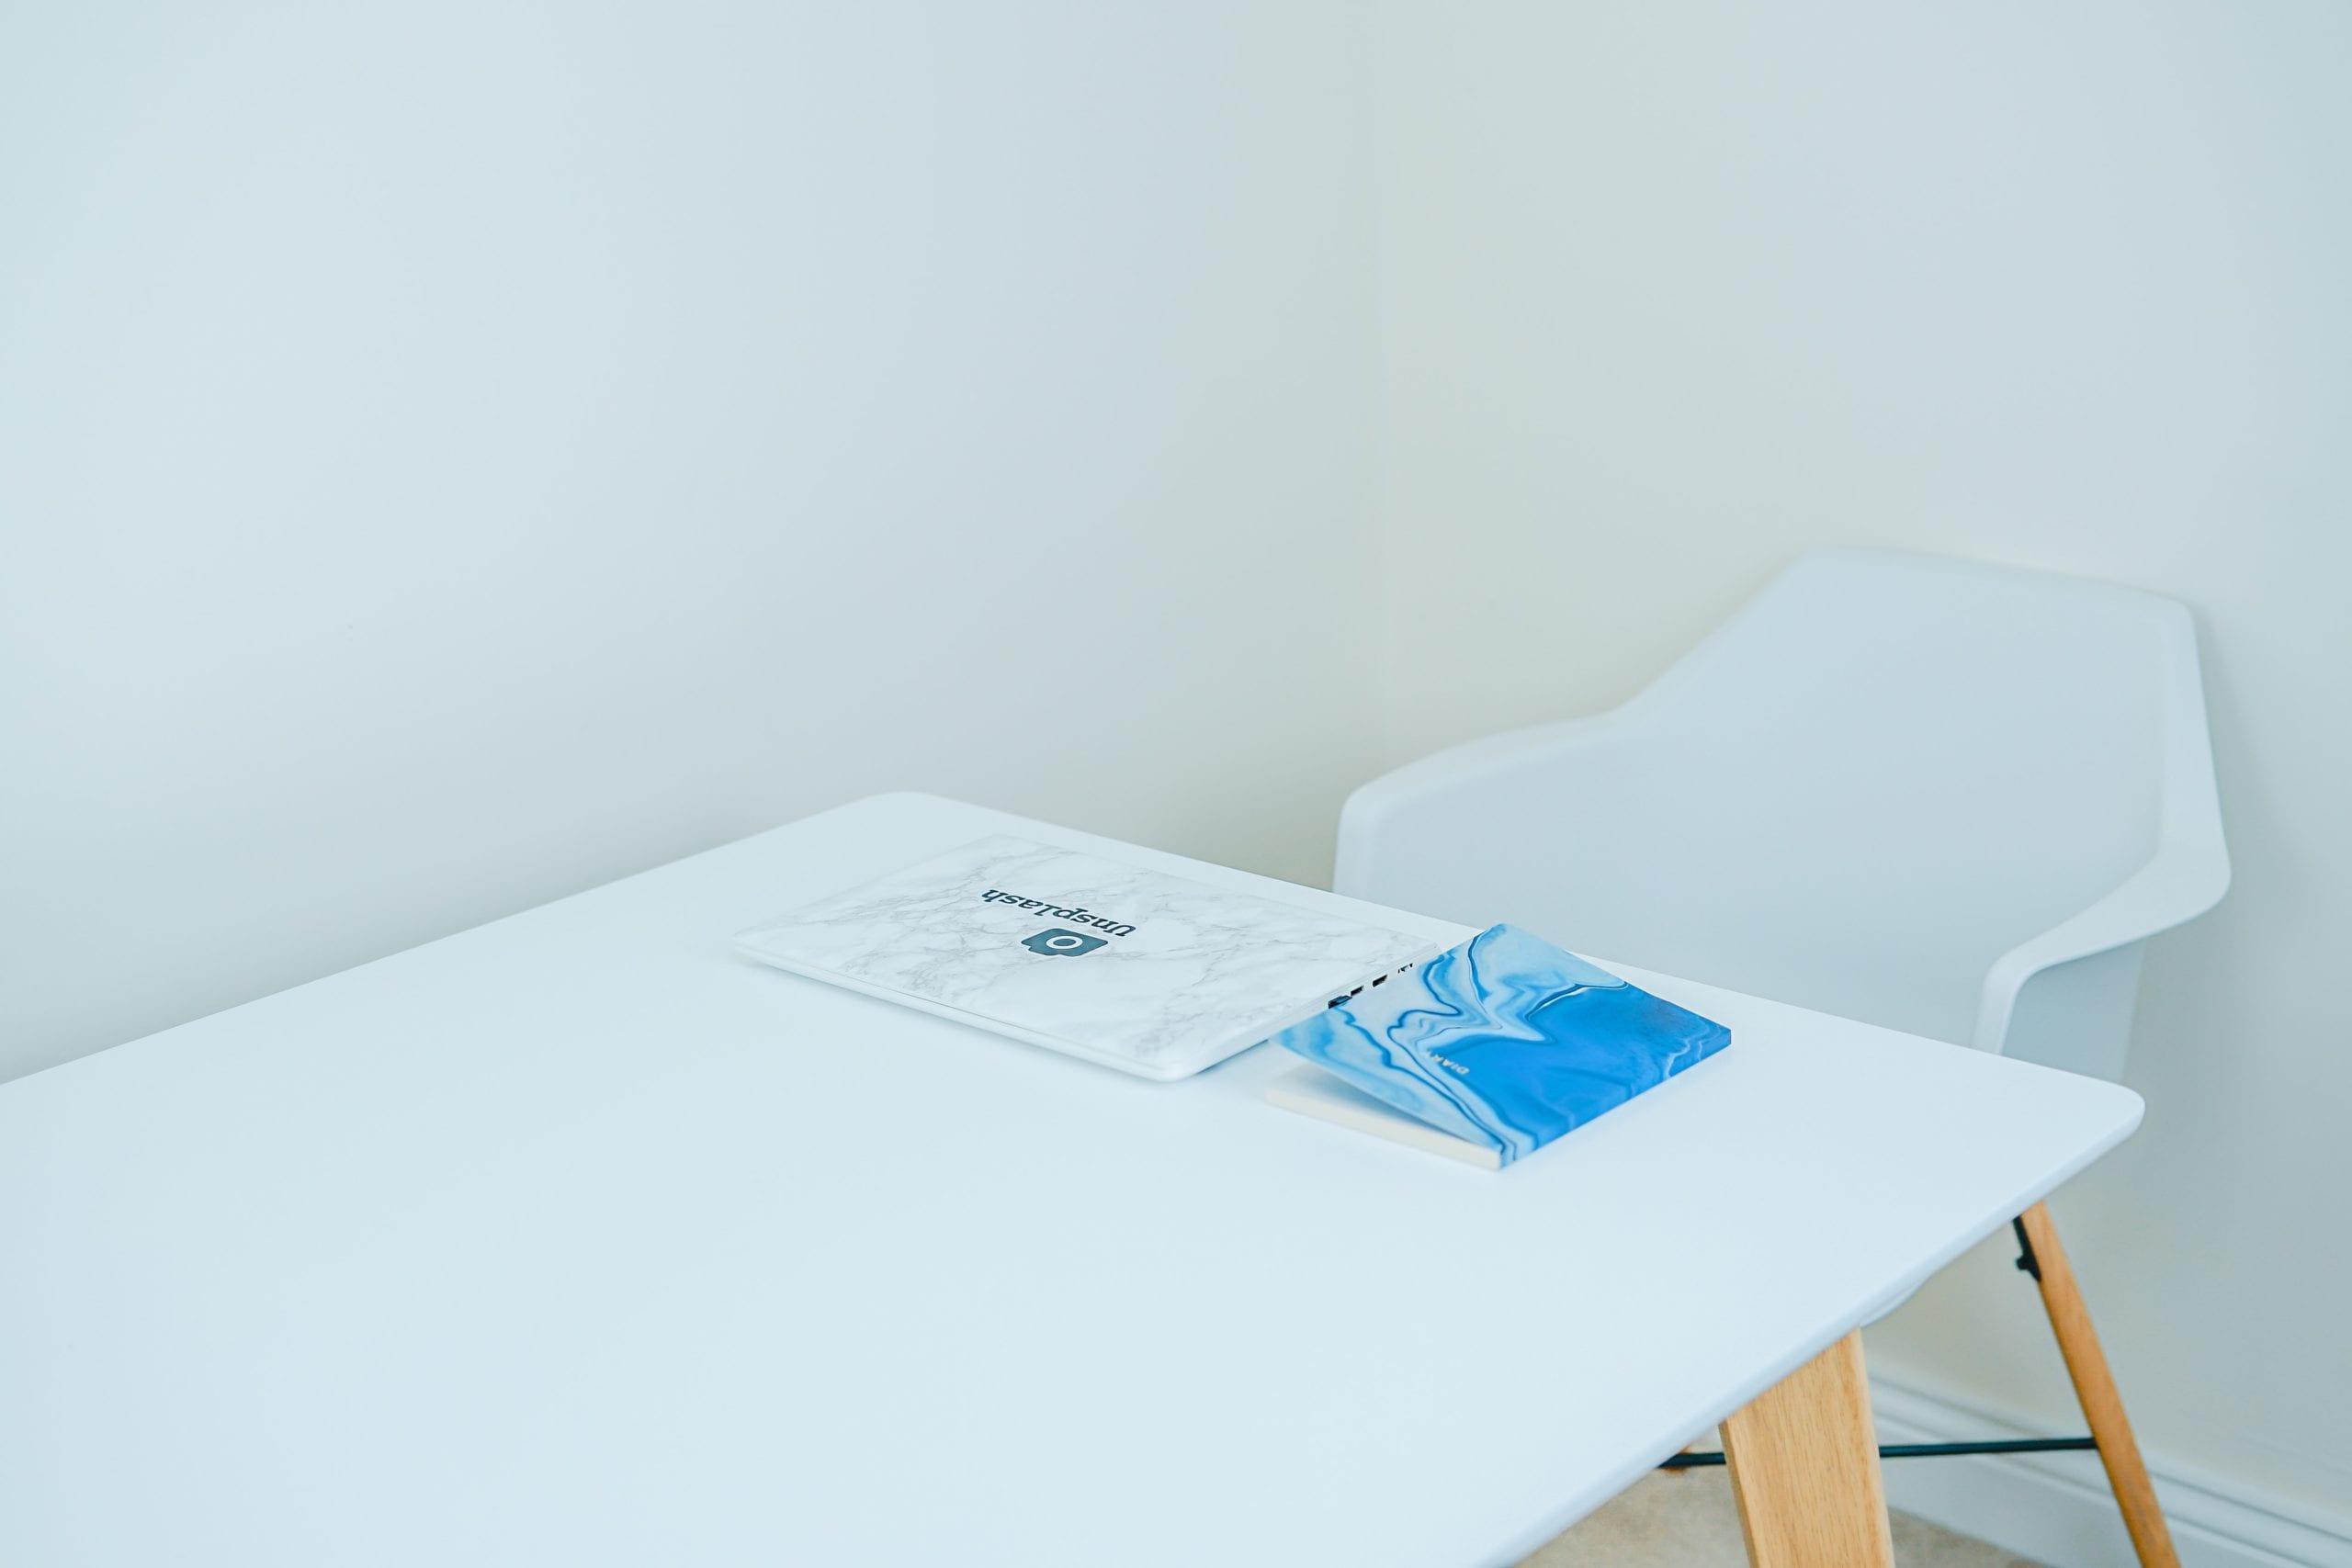 Jaki kolor ścian do białych mebli – poradnik dekoracyjny